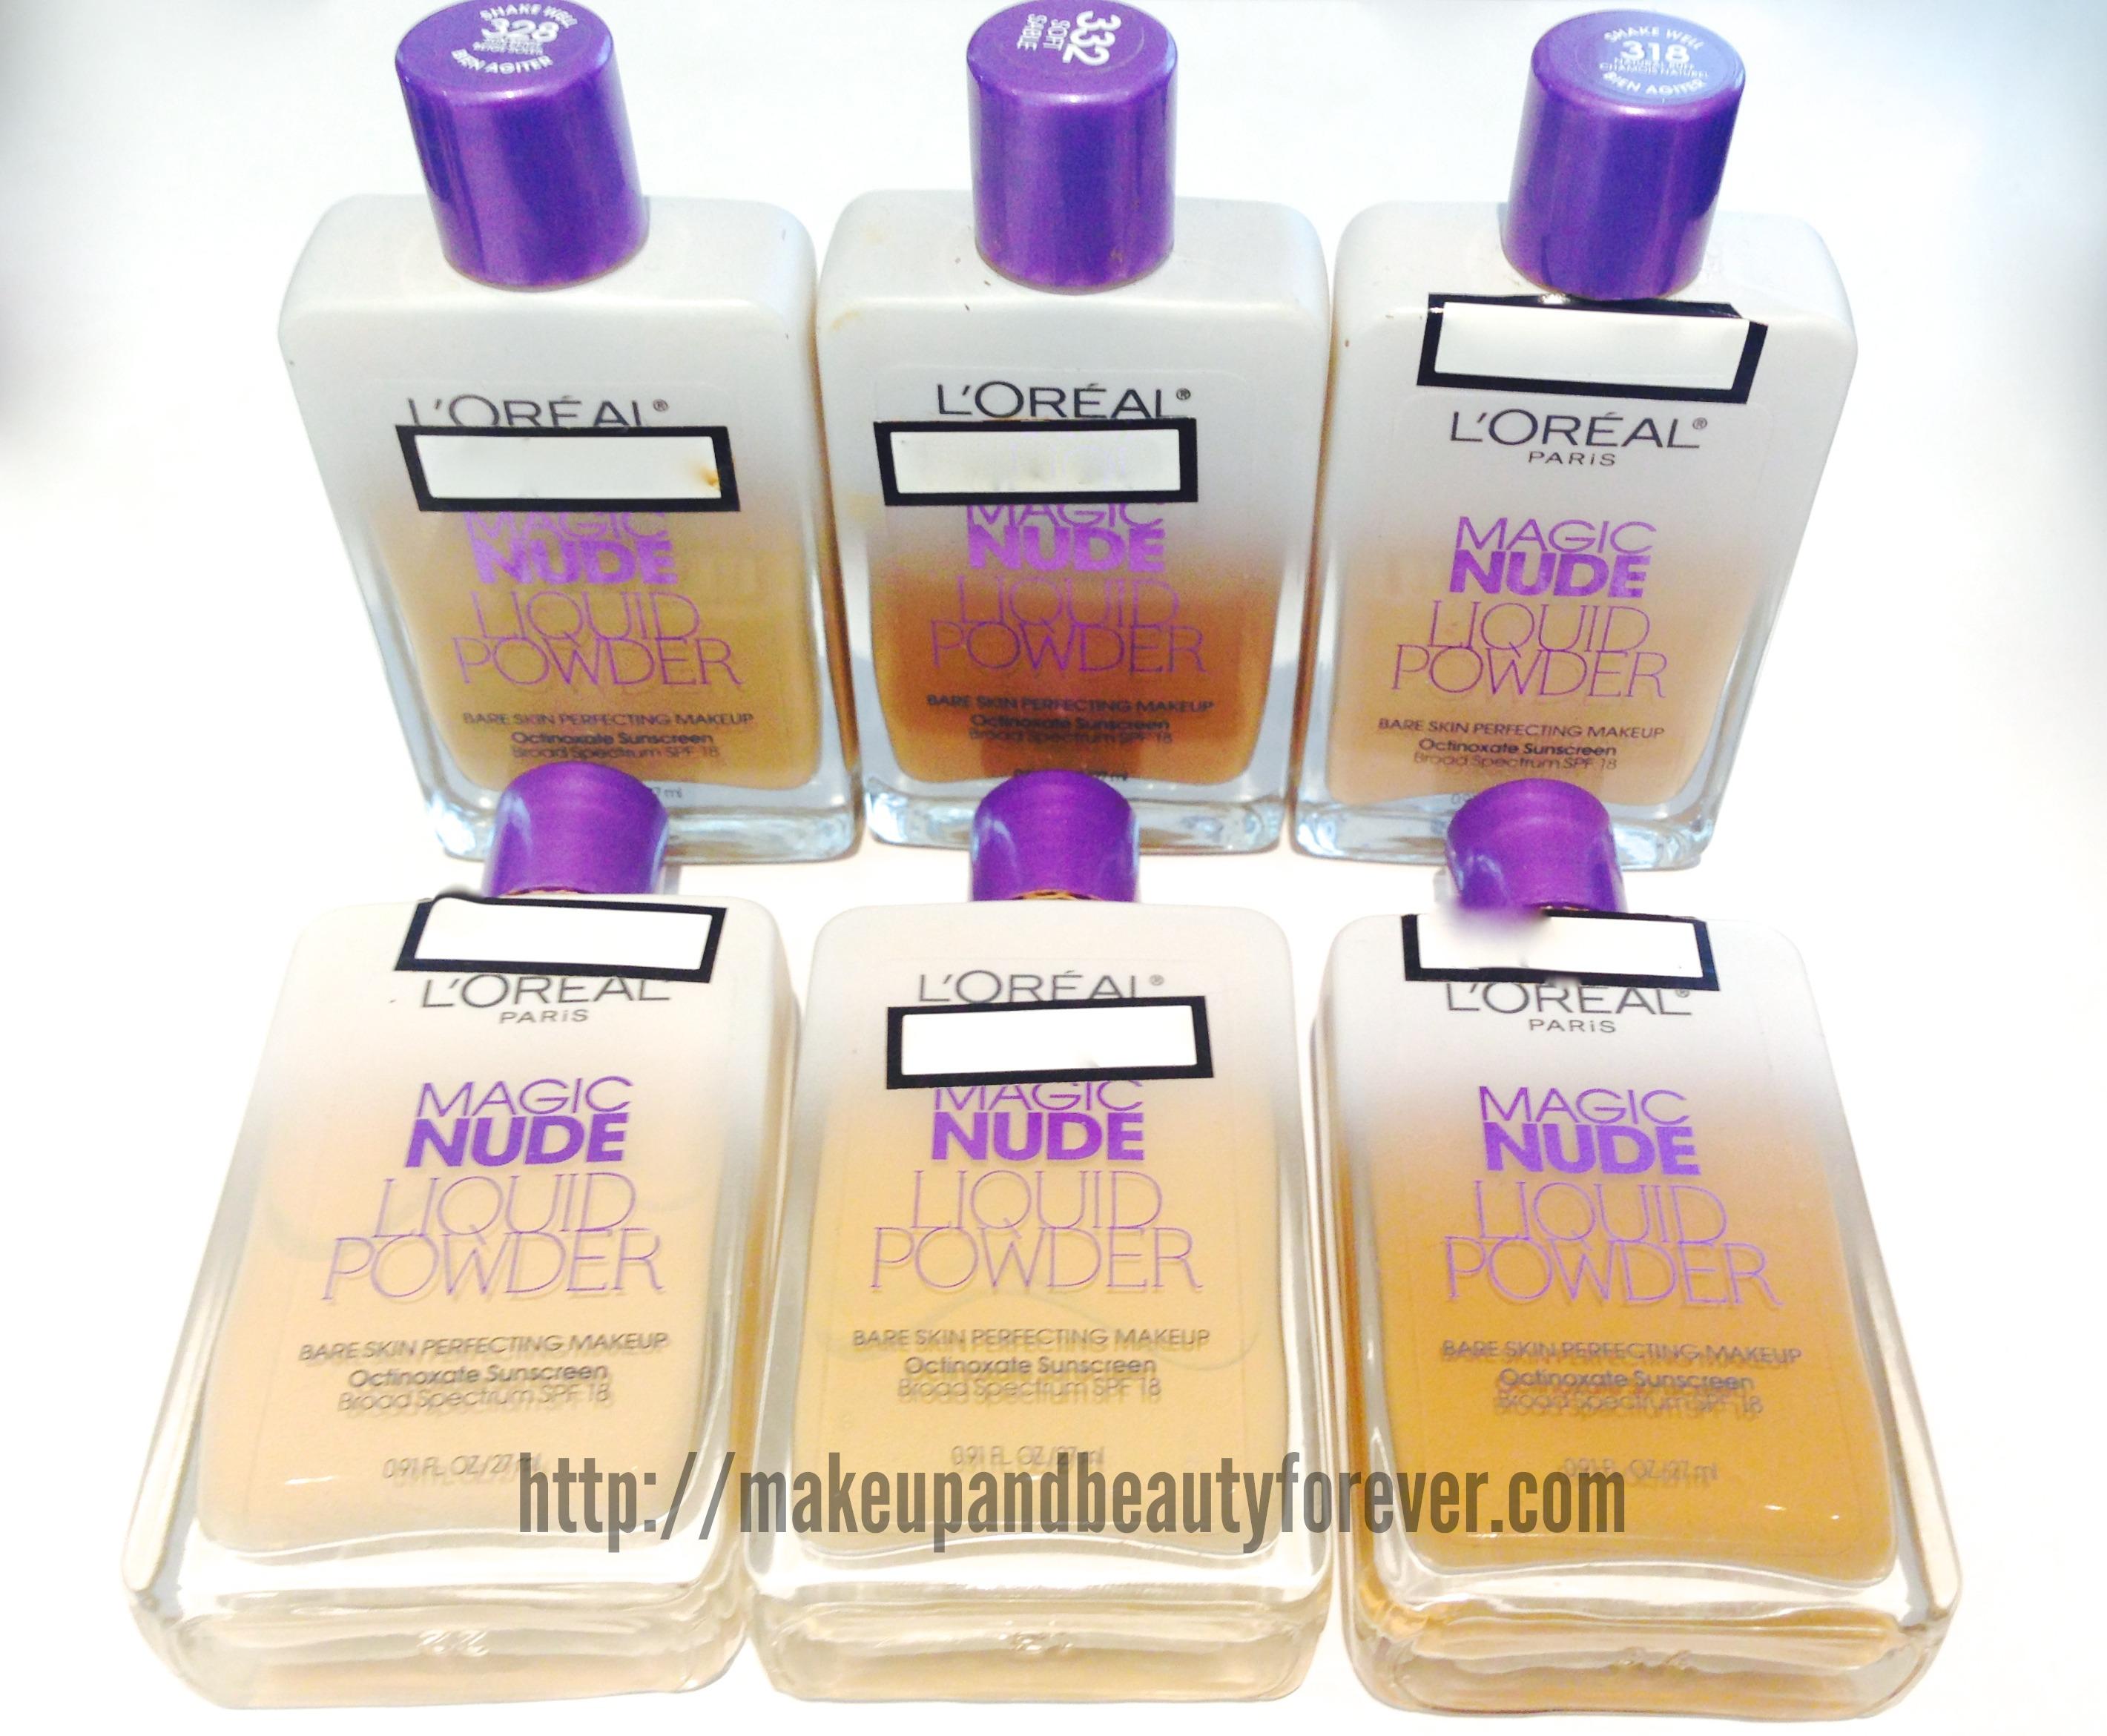 Loreal Paris Magic Nude Liquid Powder Bare Skin Perfecting Makeup ...